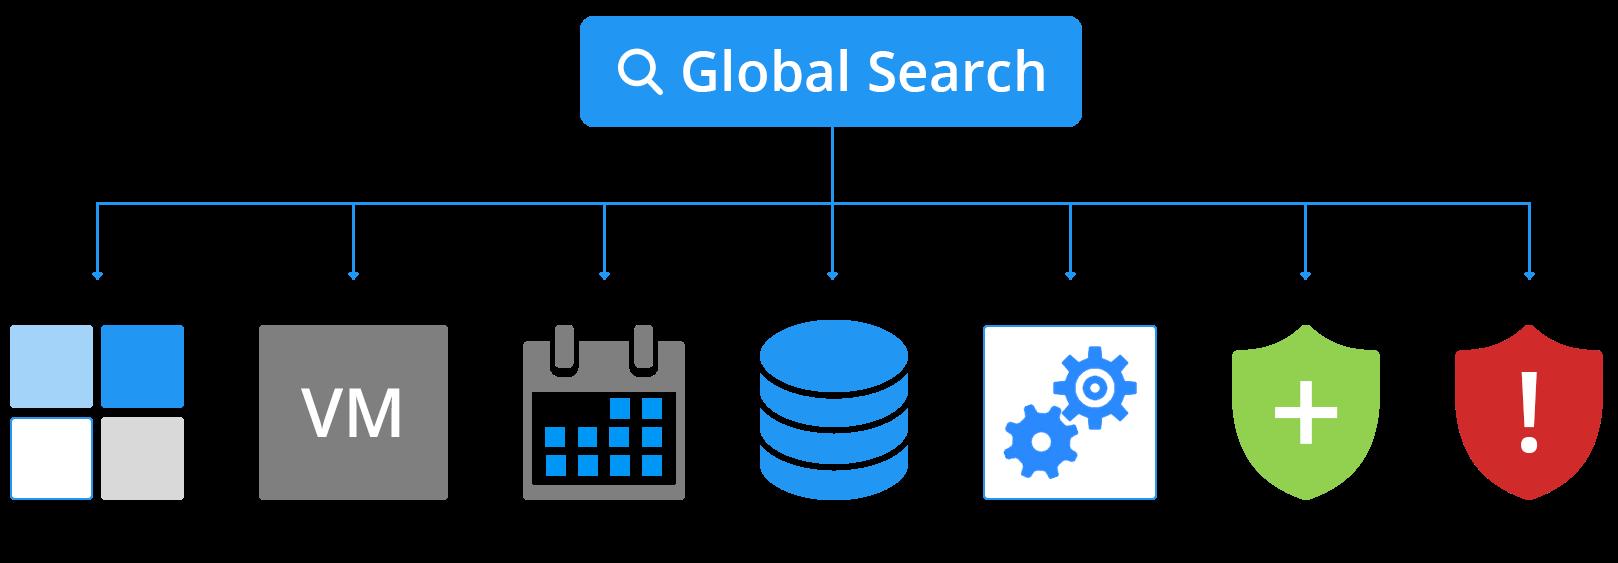 Global Search in NAKIVO Backup & Replication v7.4